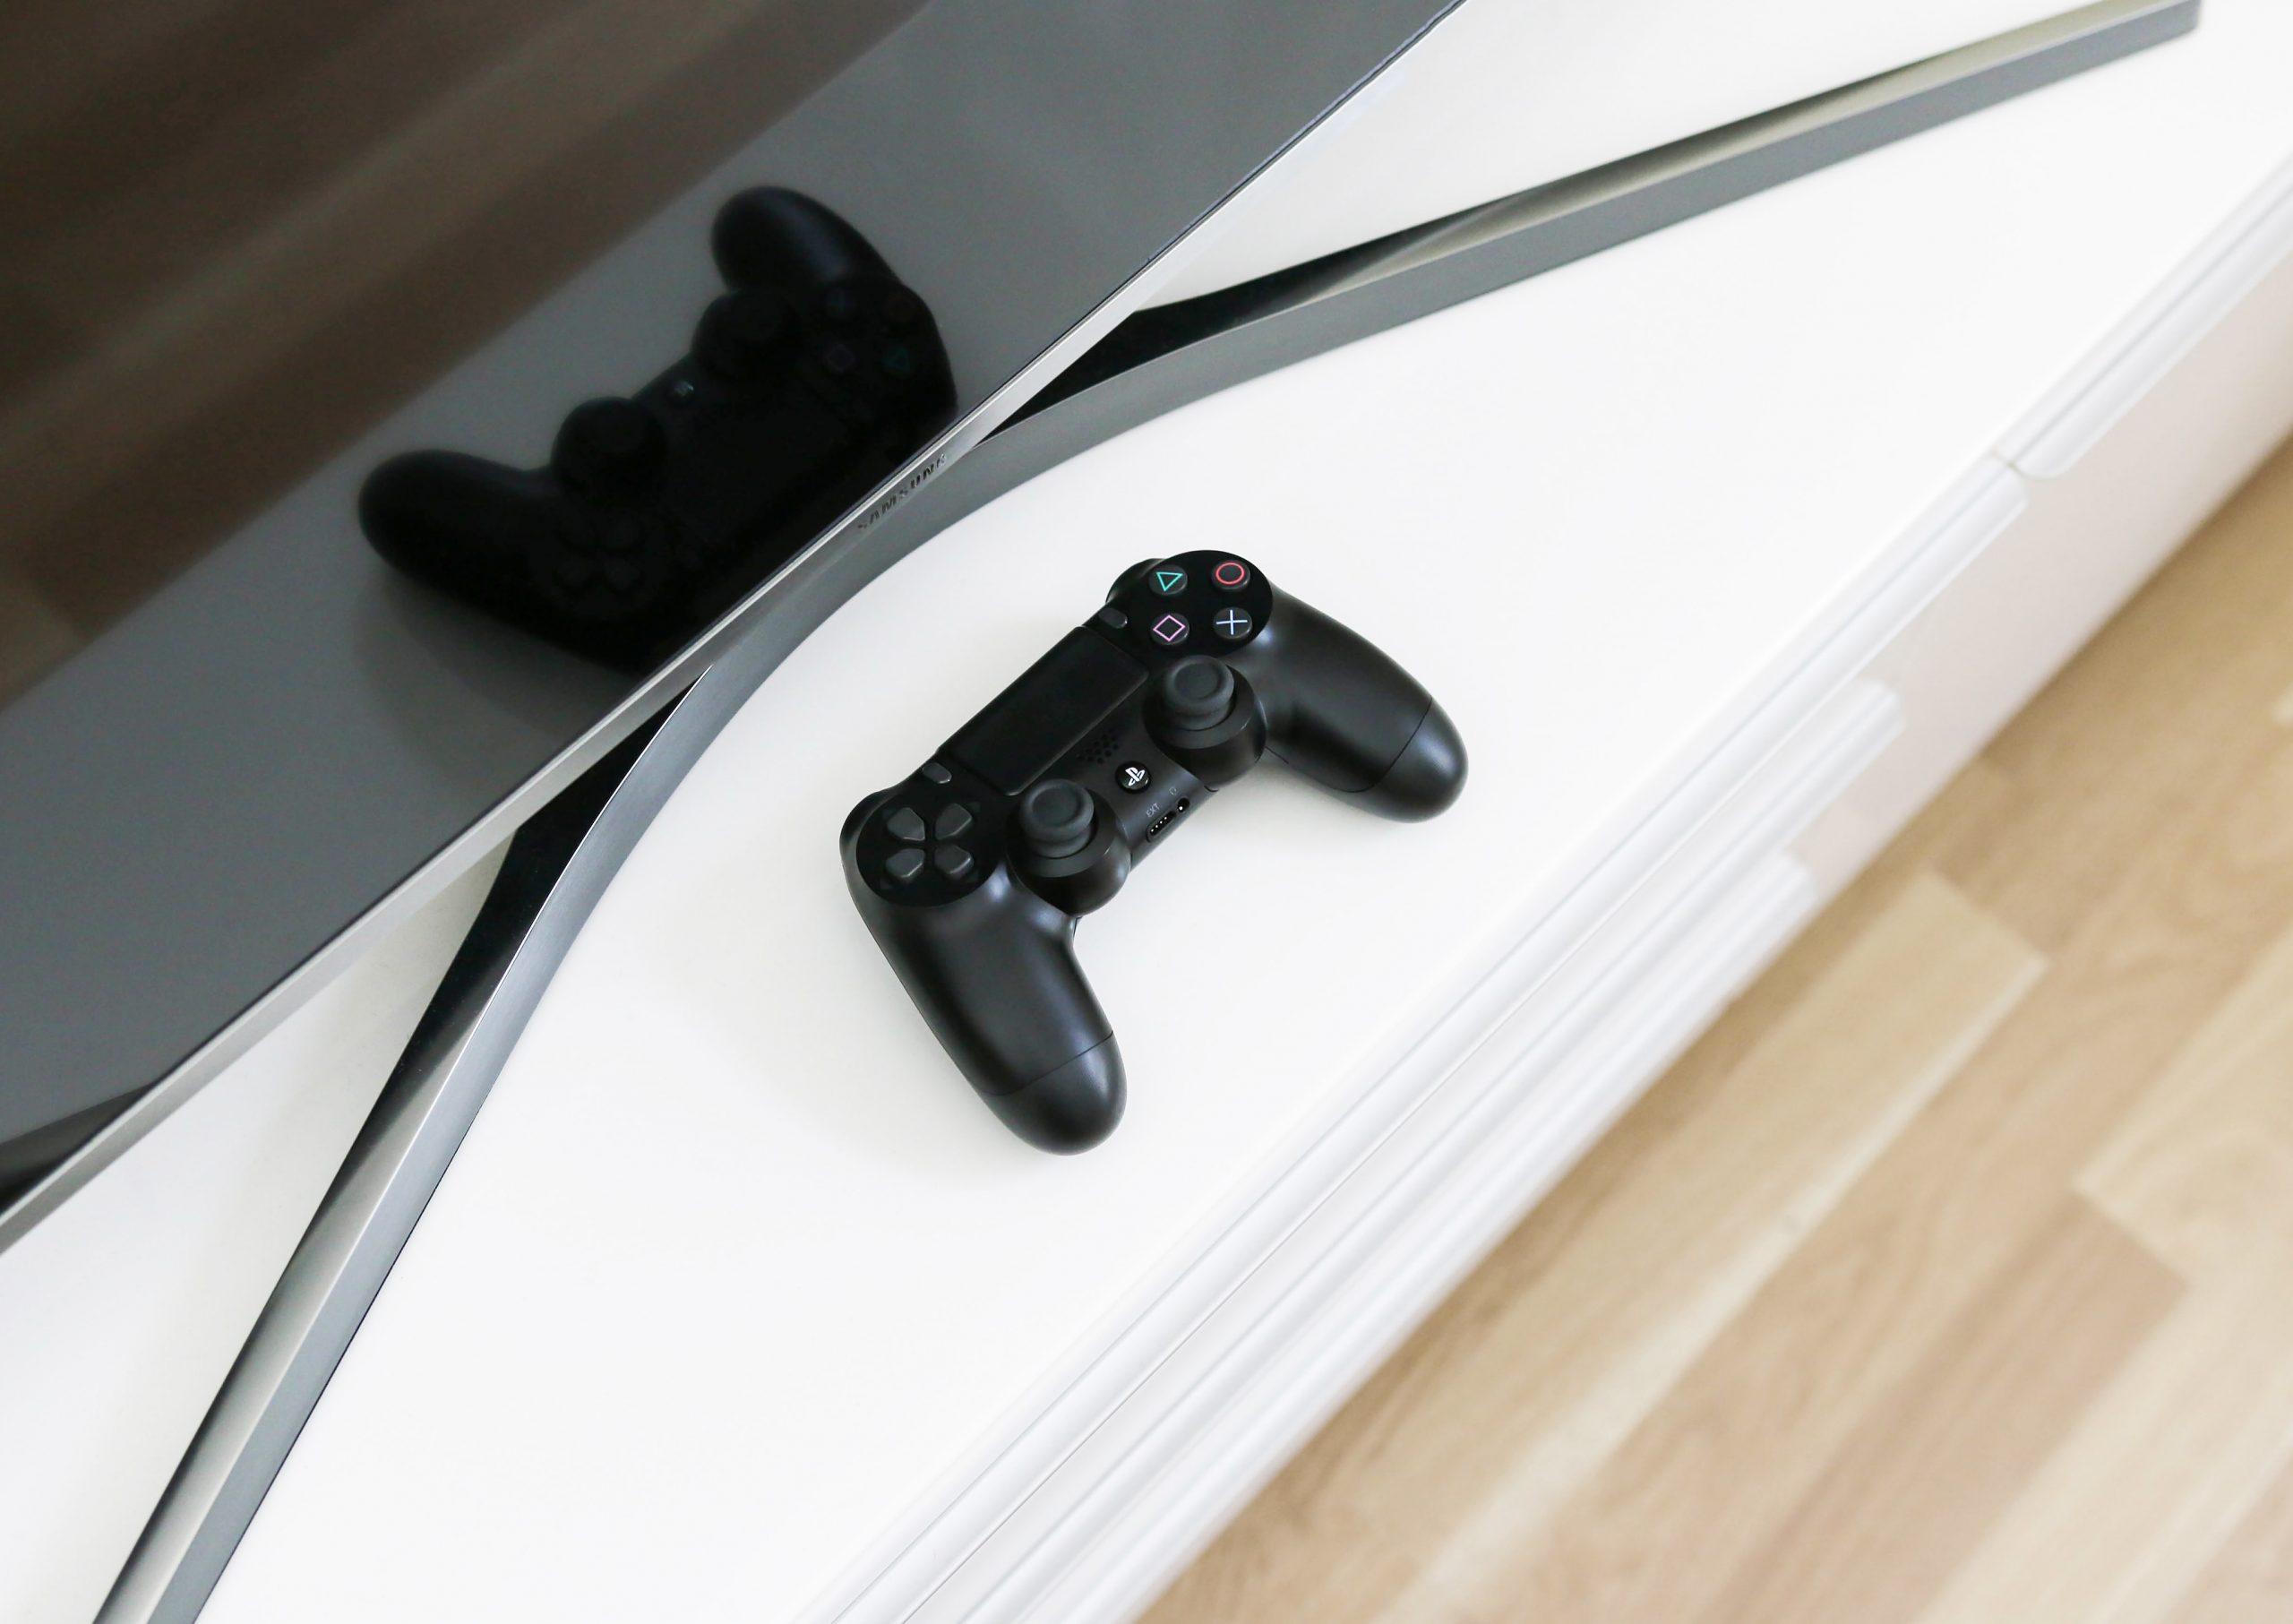 Miglior joystick per PS4 2020: Guida all'acquisto